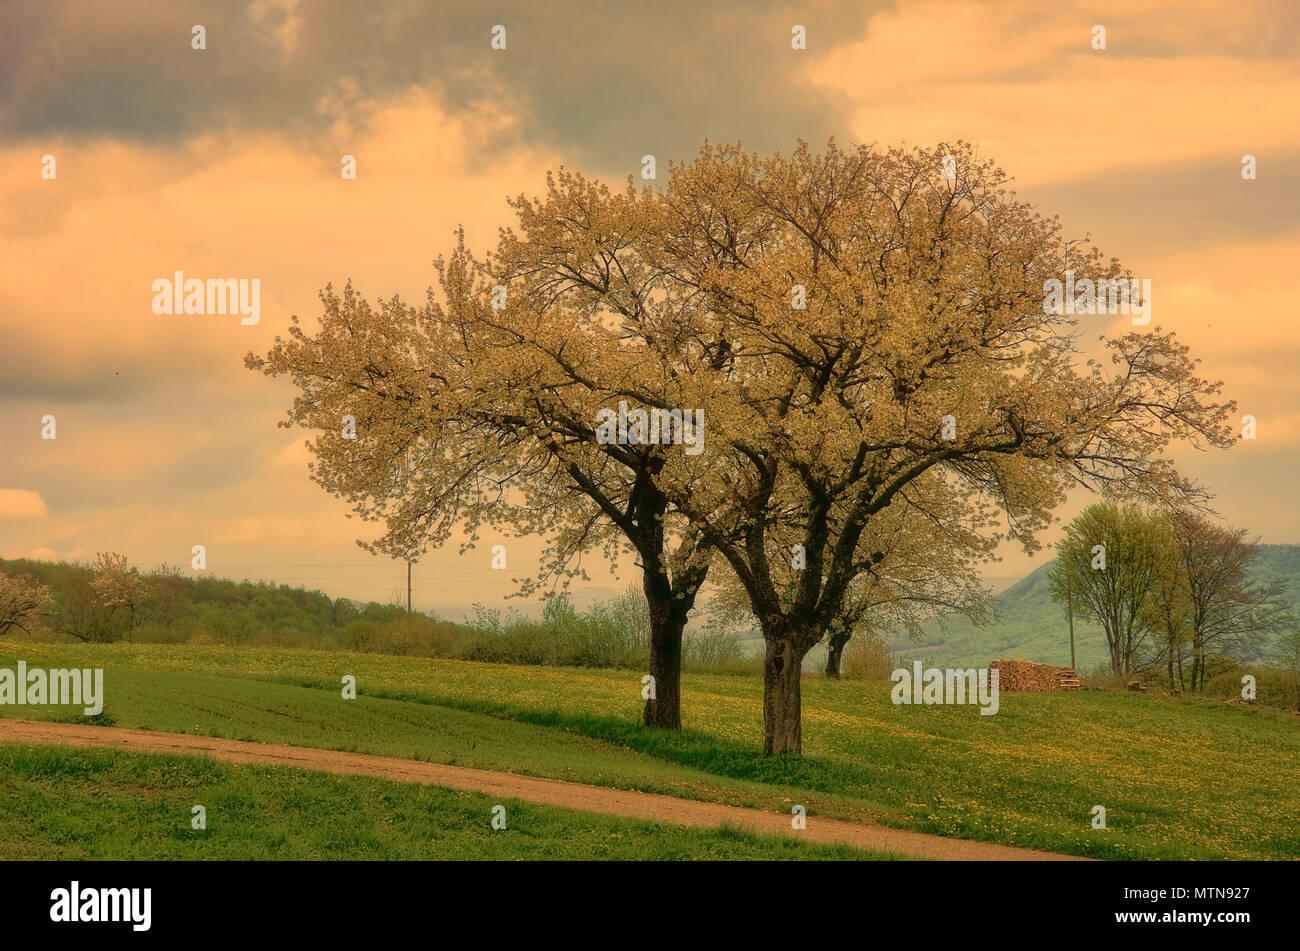 Obstbäume voll blühender erscheinen in ein seltsames Licht. Stockbild